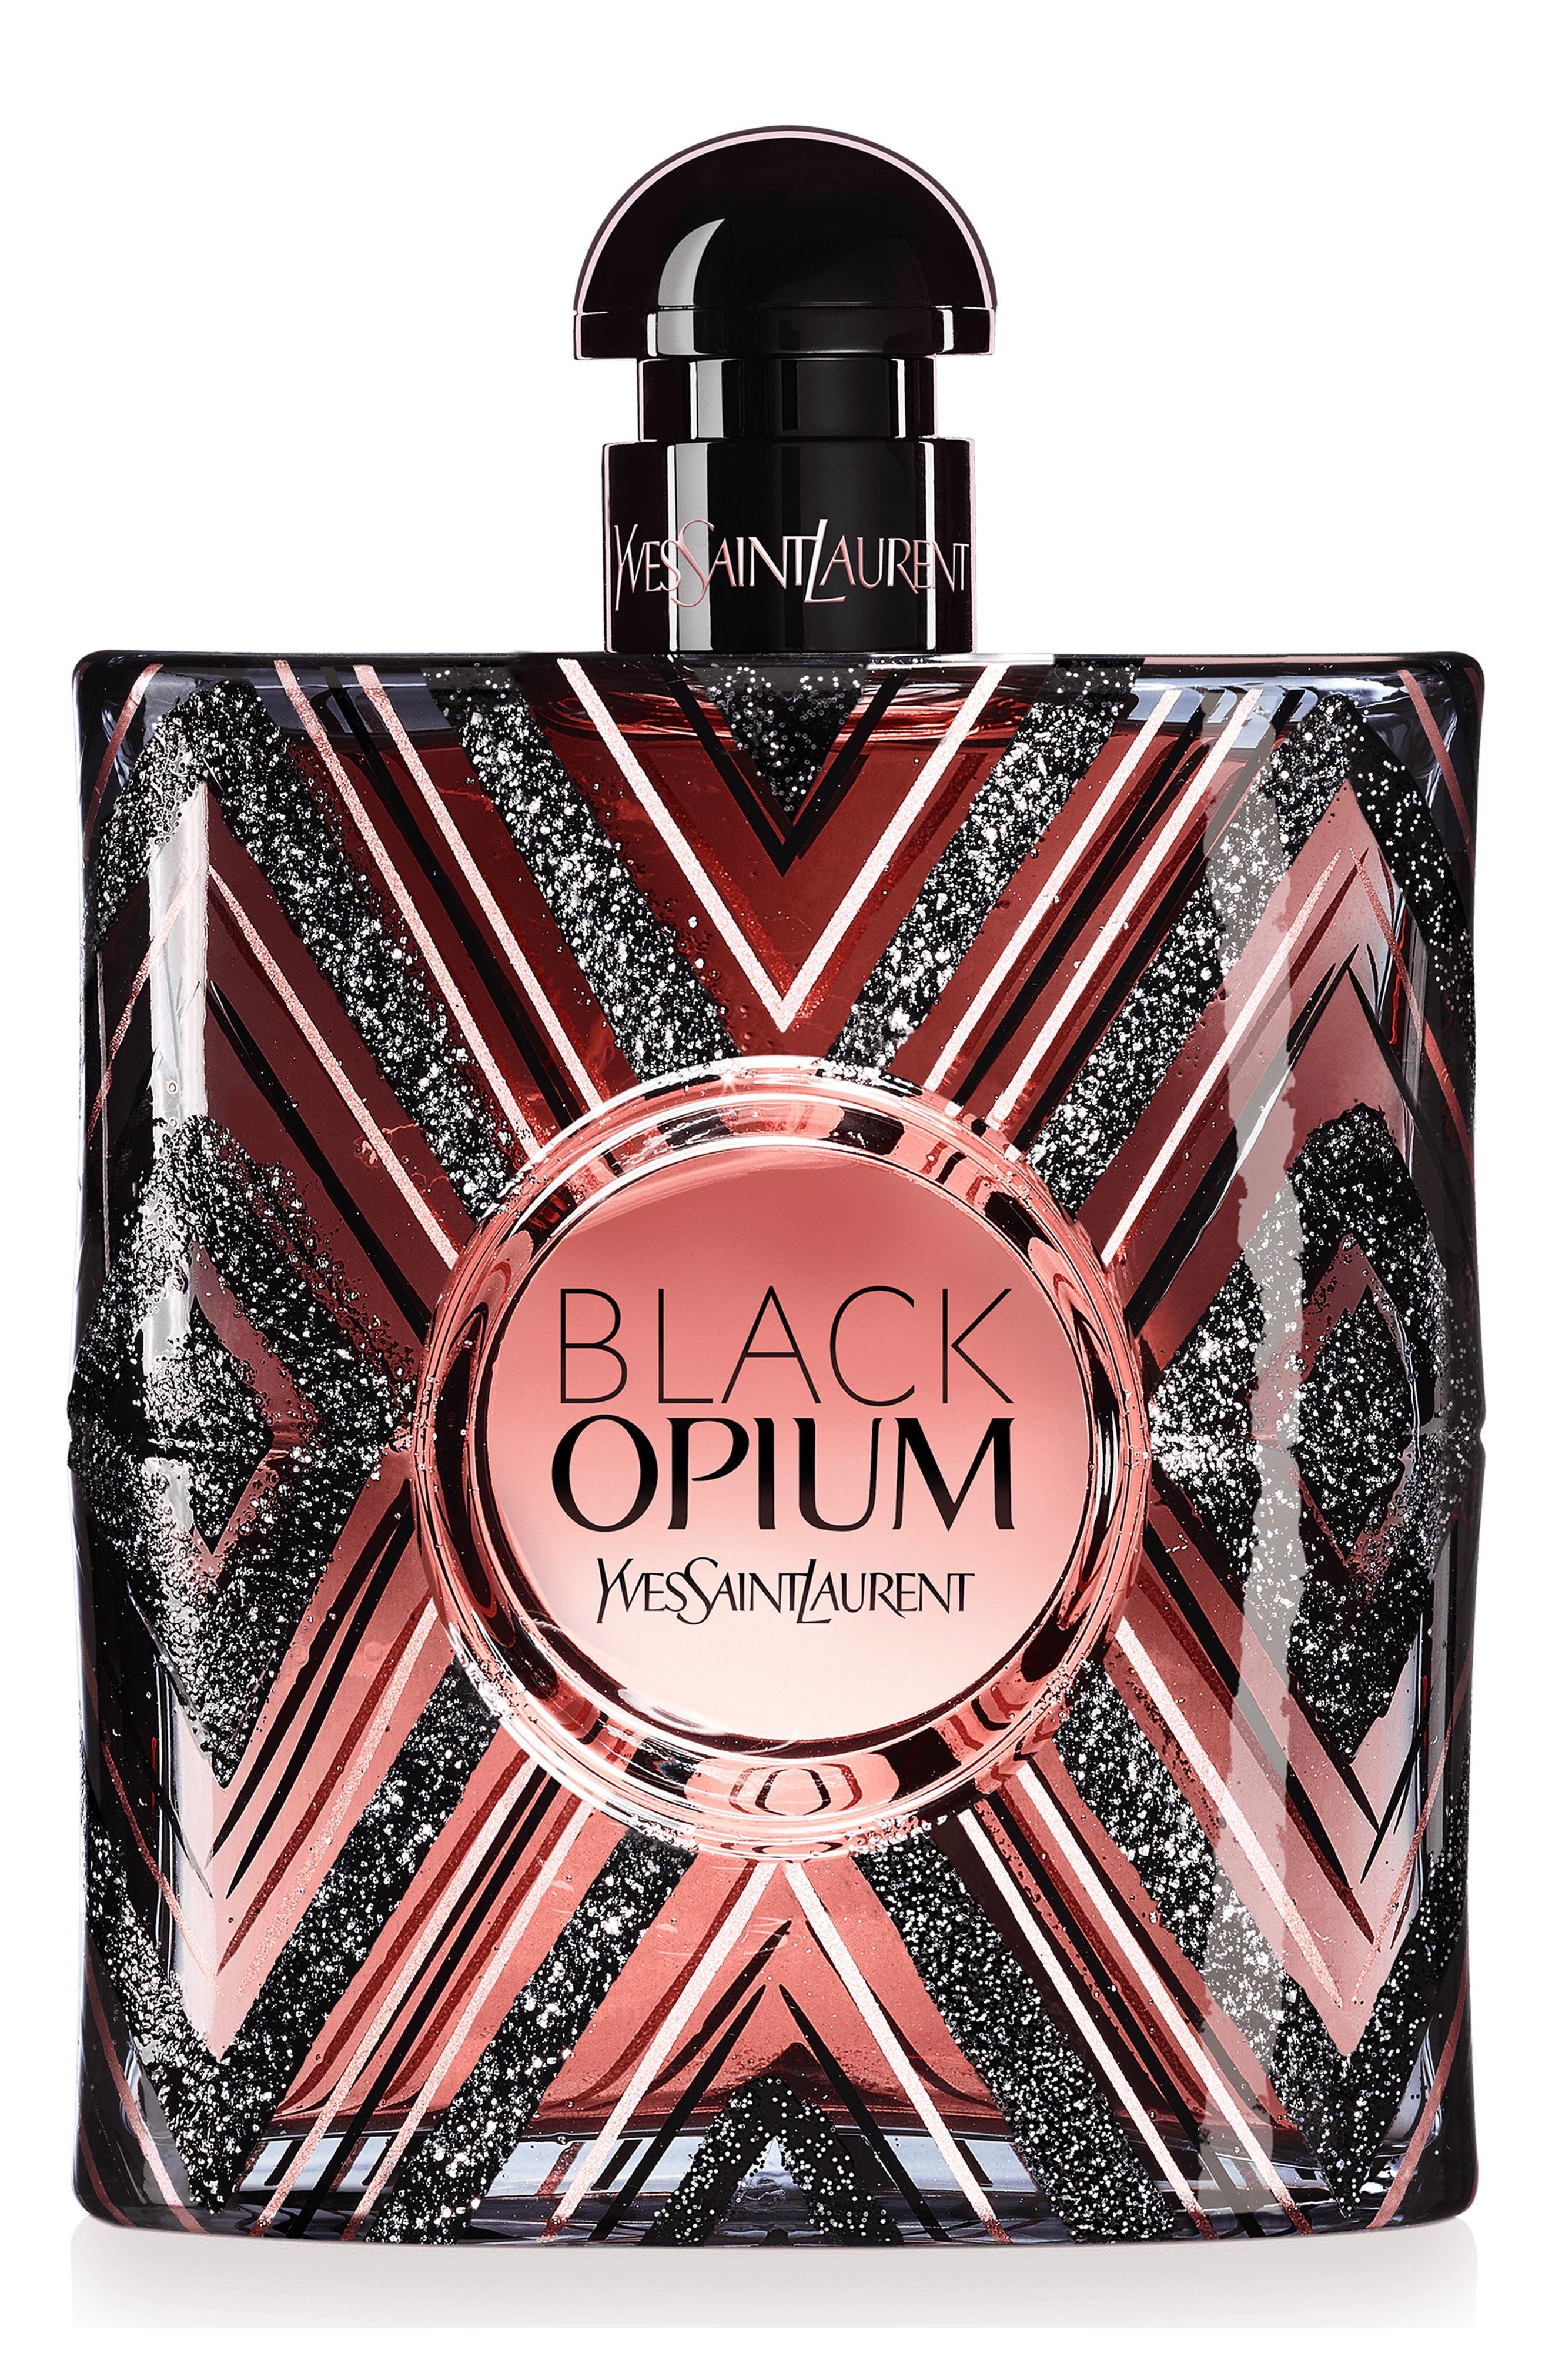 Alternate Image 1 Selected - YVes Saint Laurent Black Opium Pure Illusion Eau de Parfum (Limited Edition)